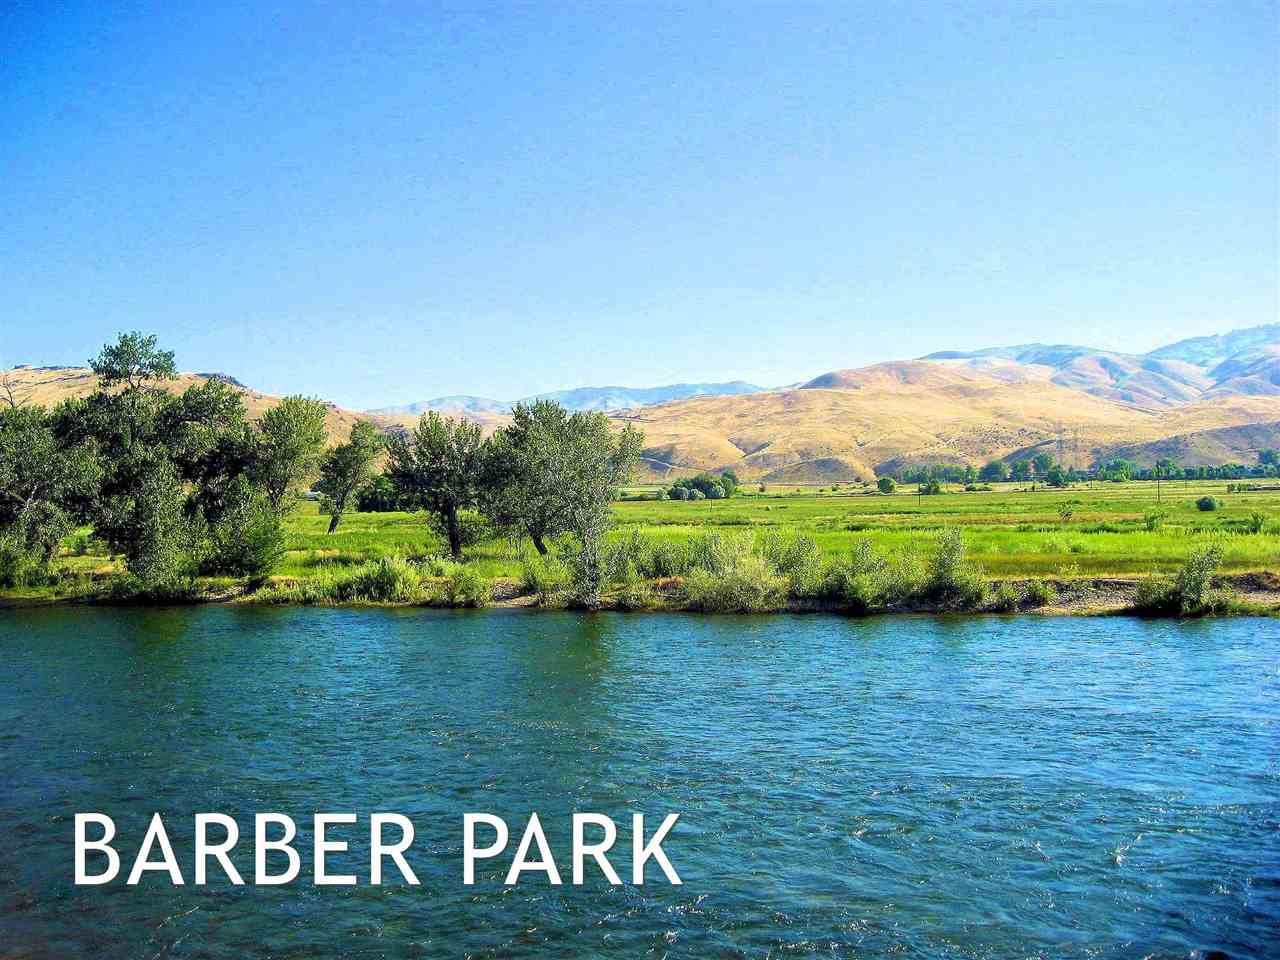 2372 S Via Privada (Lot 9),Boise,Idaho 83712,Land,2372 S Via Privada (Lot 9),98677019